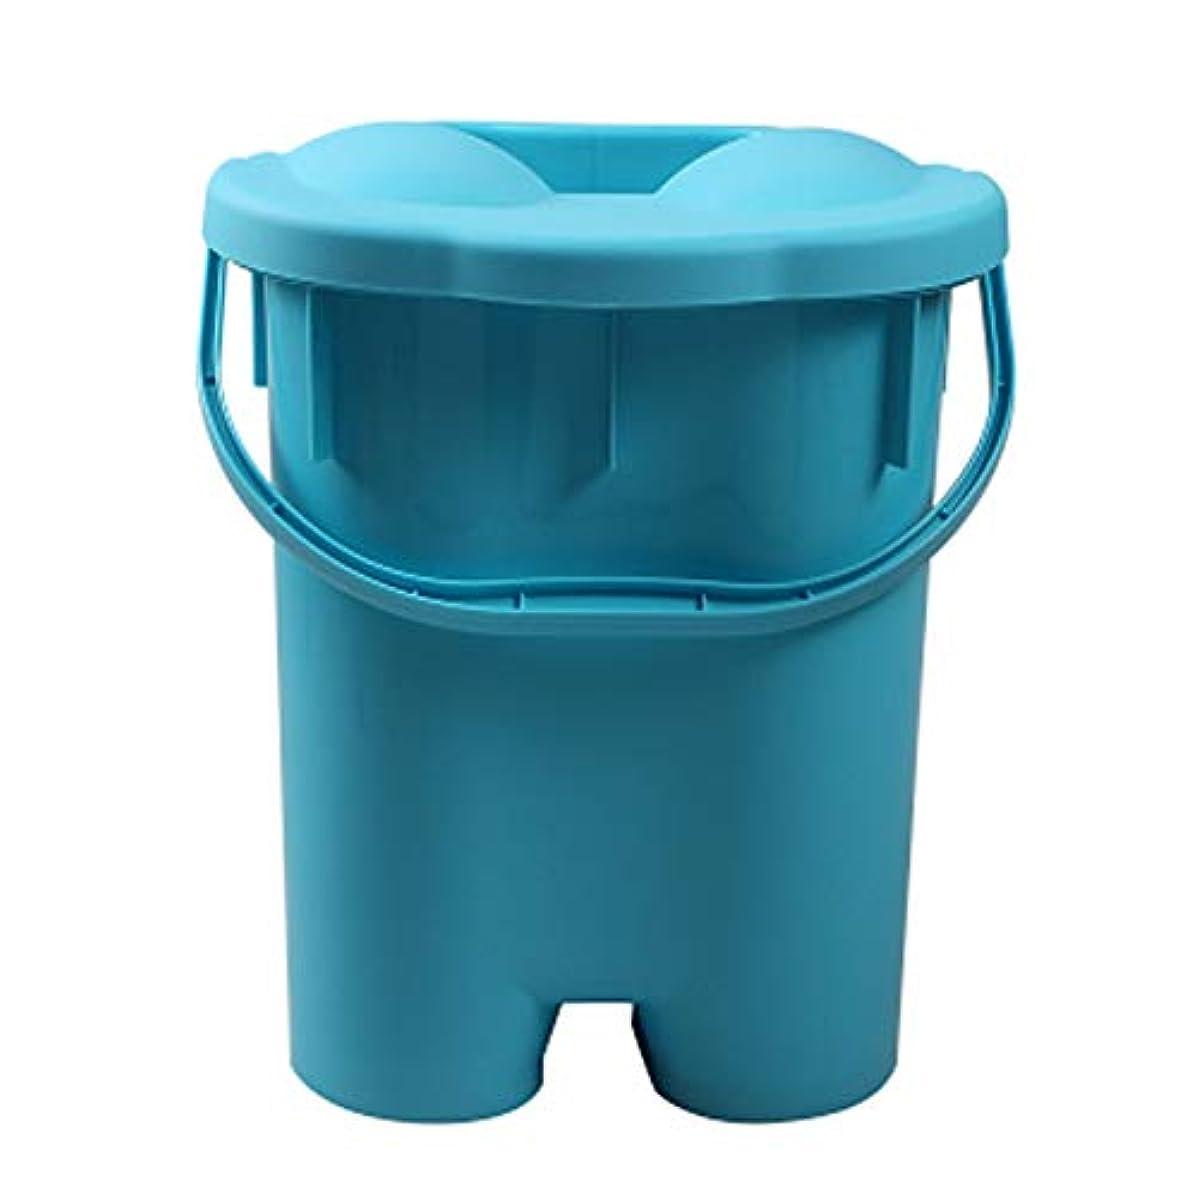 予定飢より良い家庭用シンプルな発泡盆たたみ足湯発泡バケツバレル深いバレルポータブル厚いプラスチックフォーム盆地